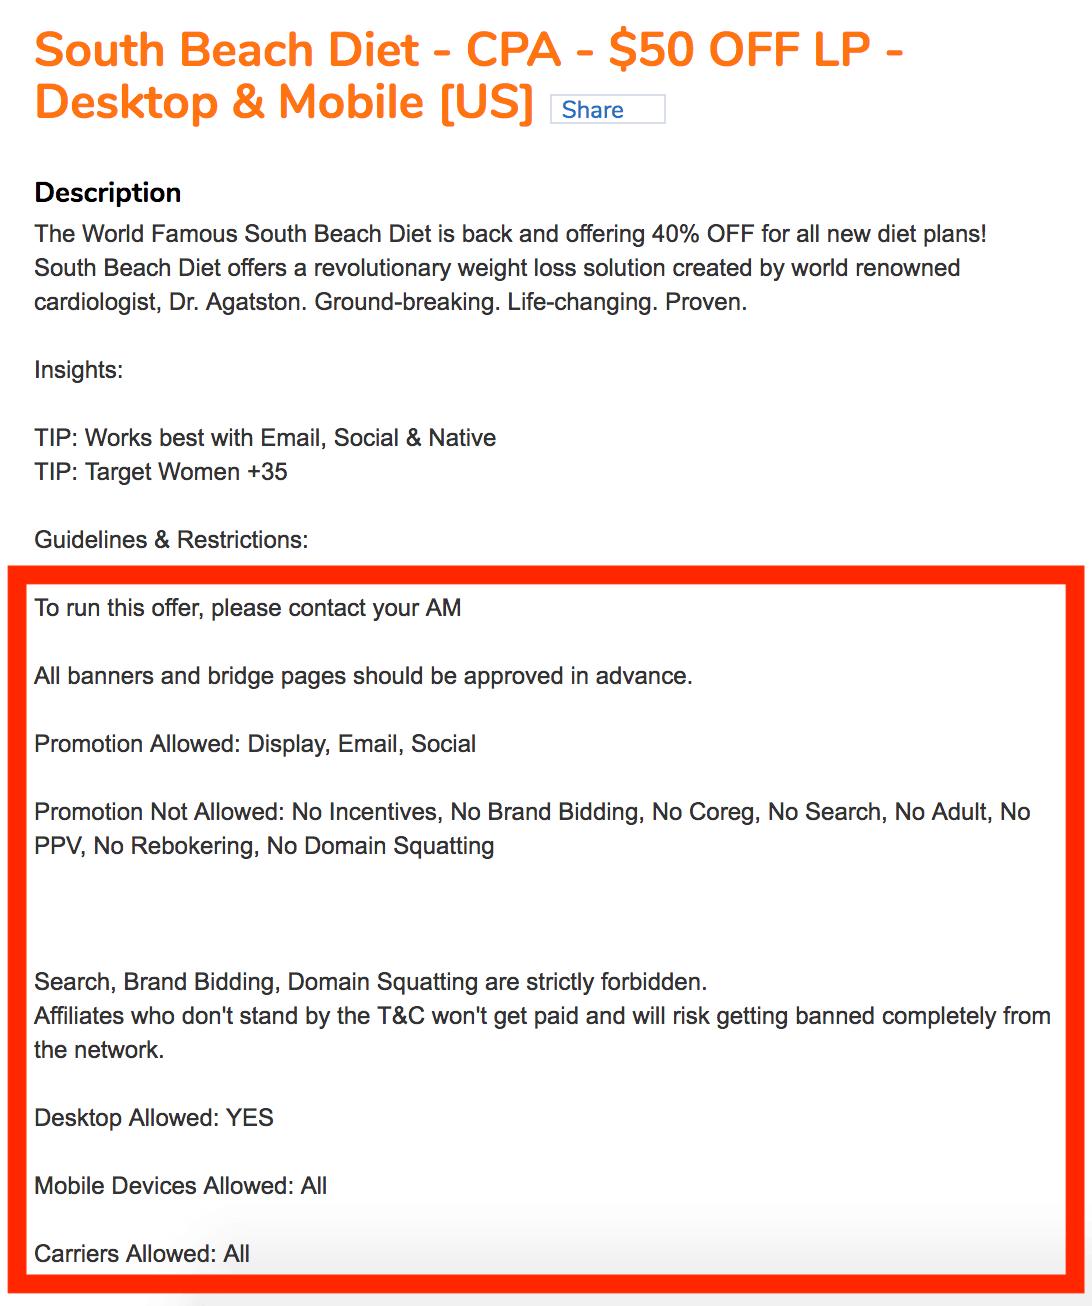 OfferVault listing details